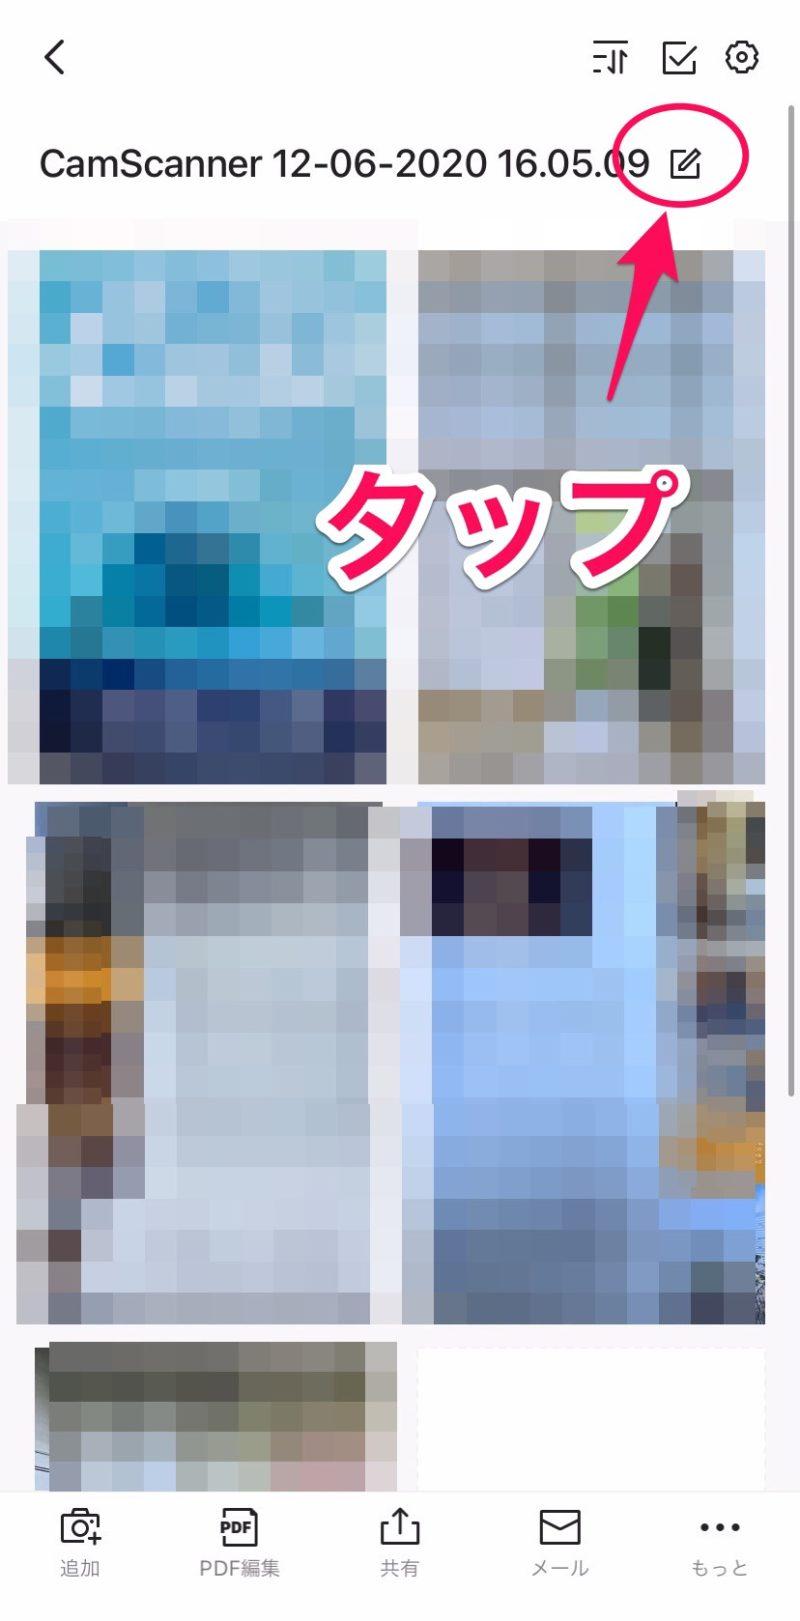 雑誌 スキャン CamScanner リネーム